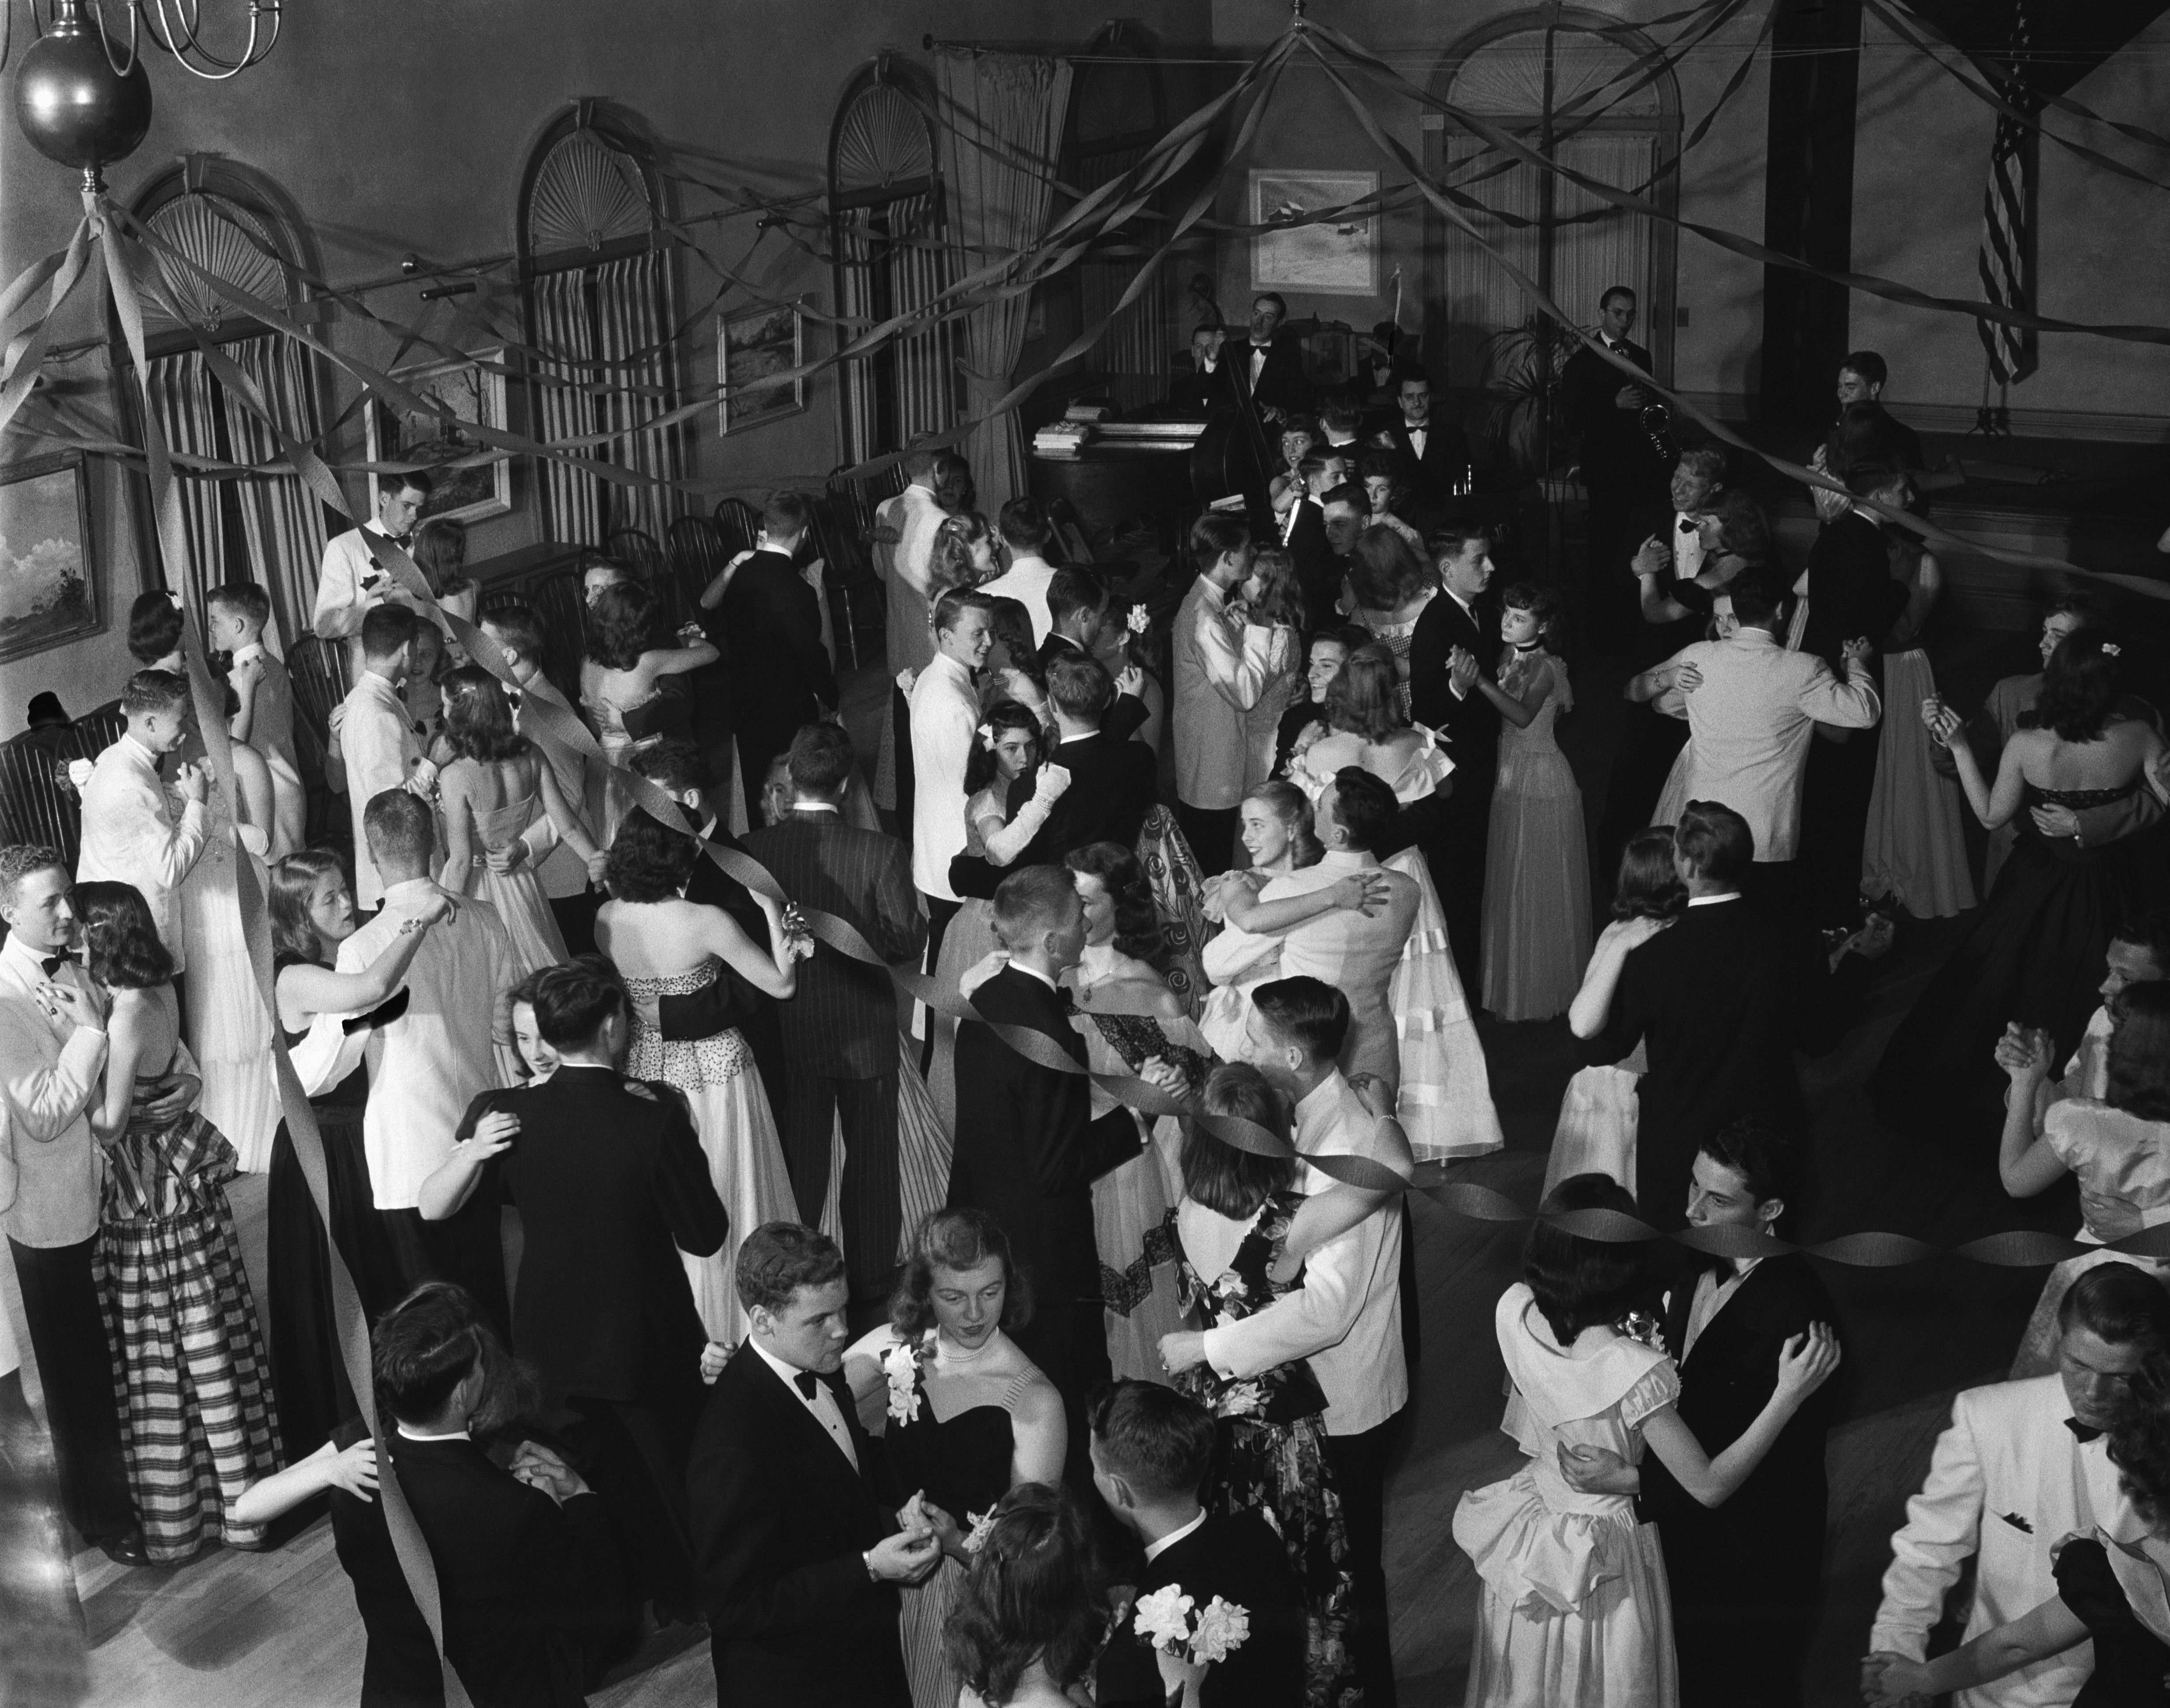 A 1950s high school dance.